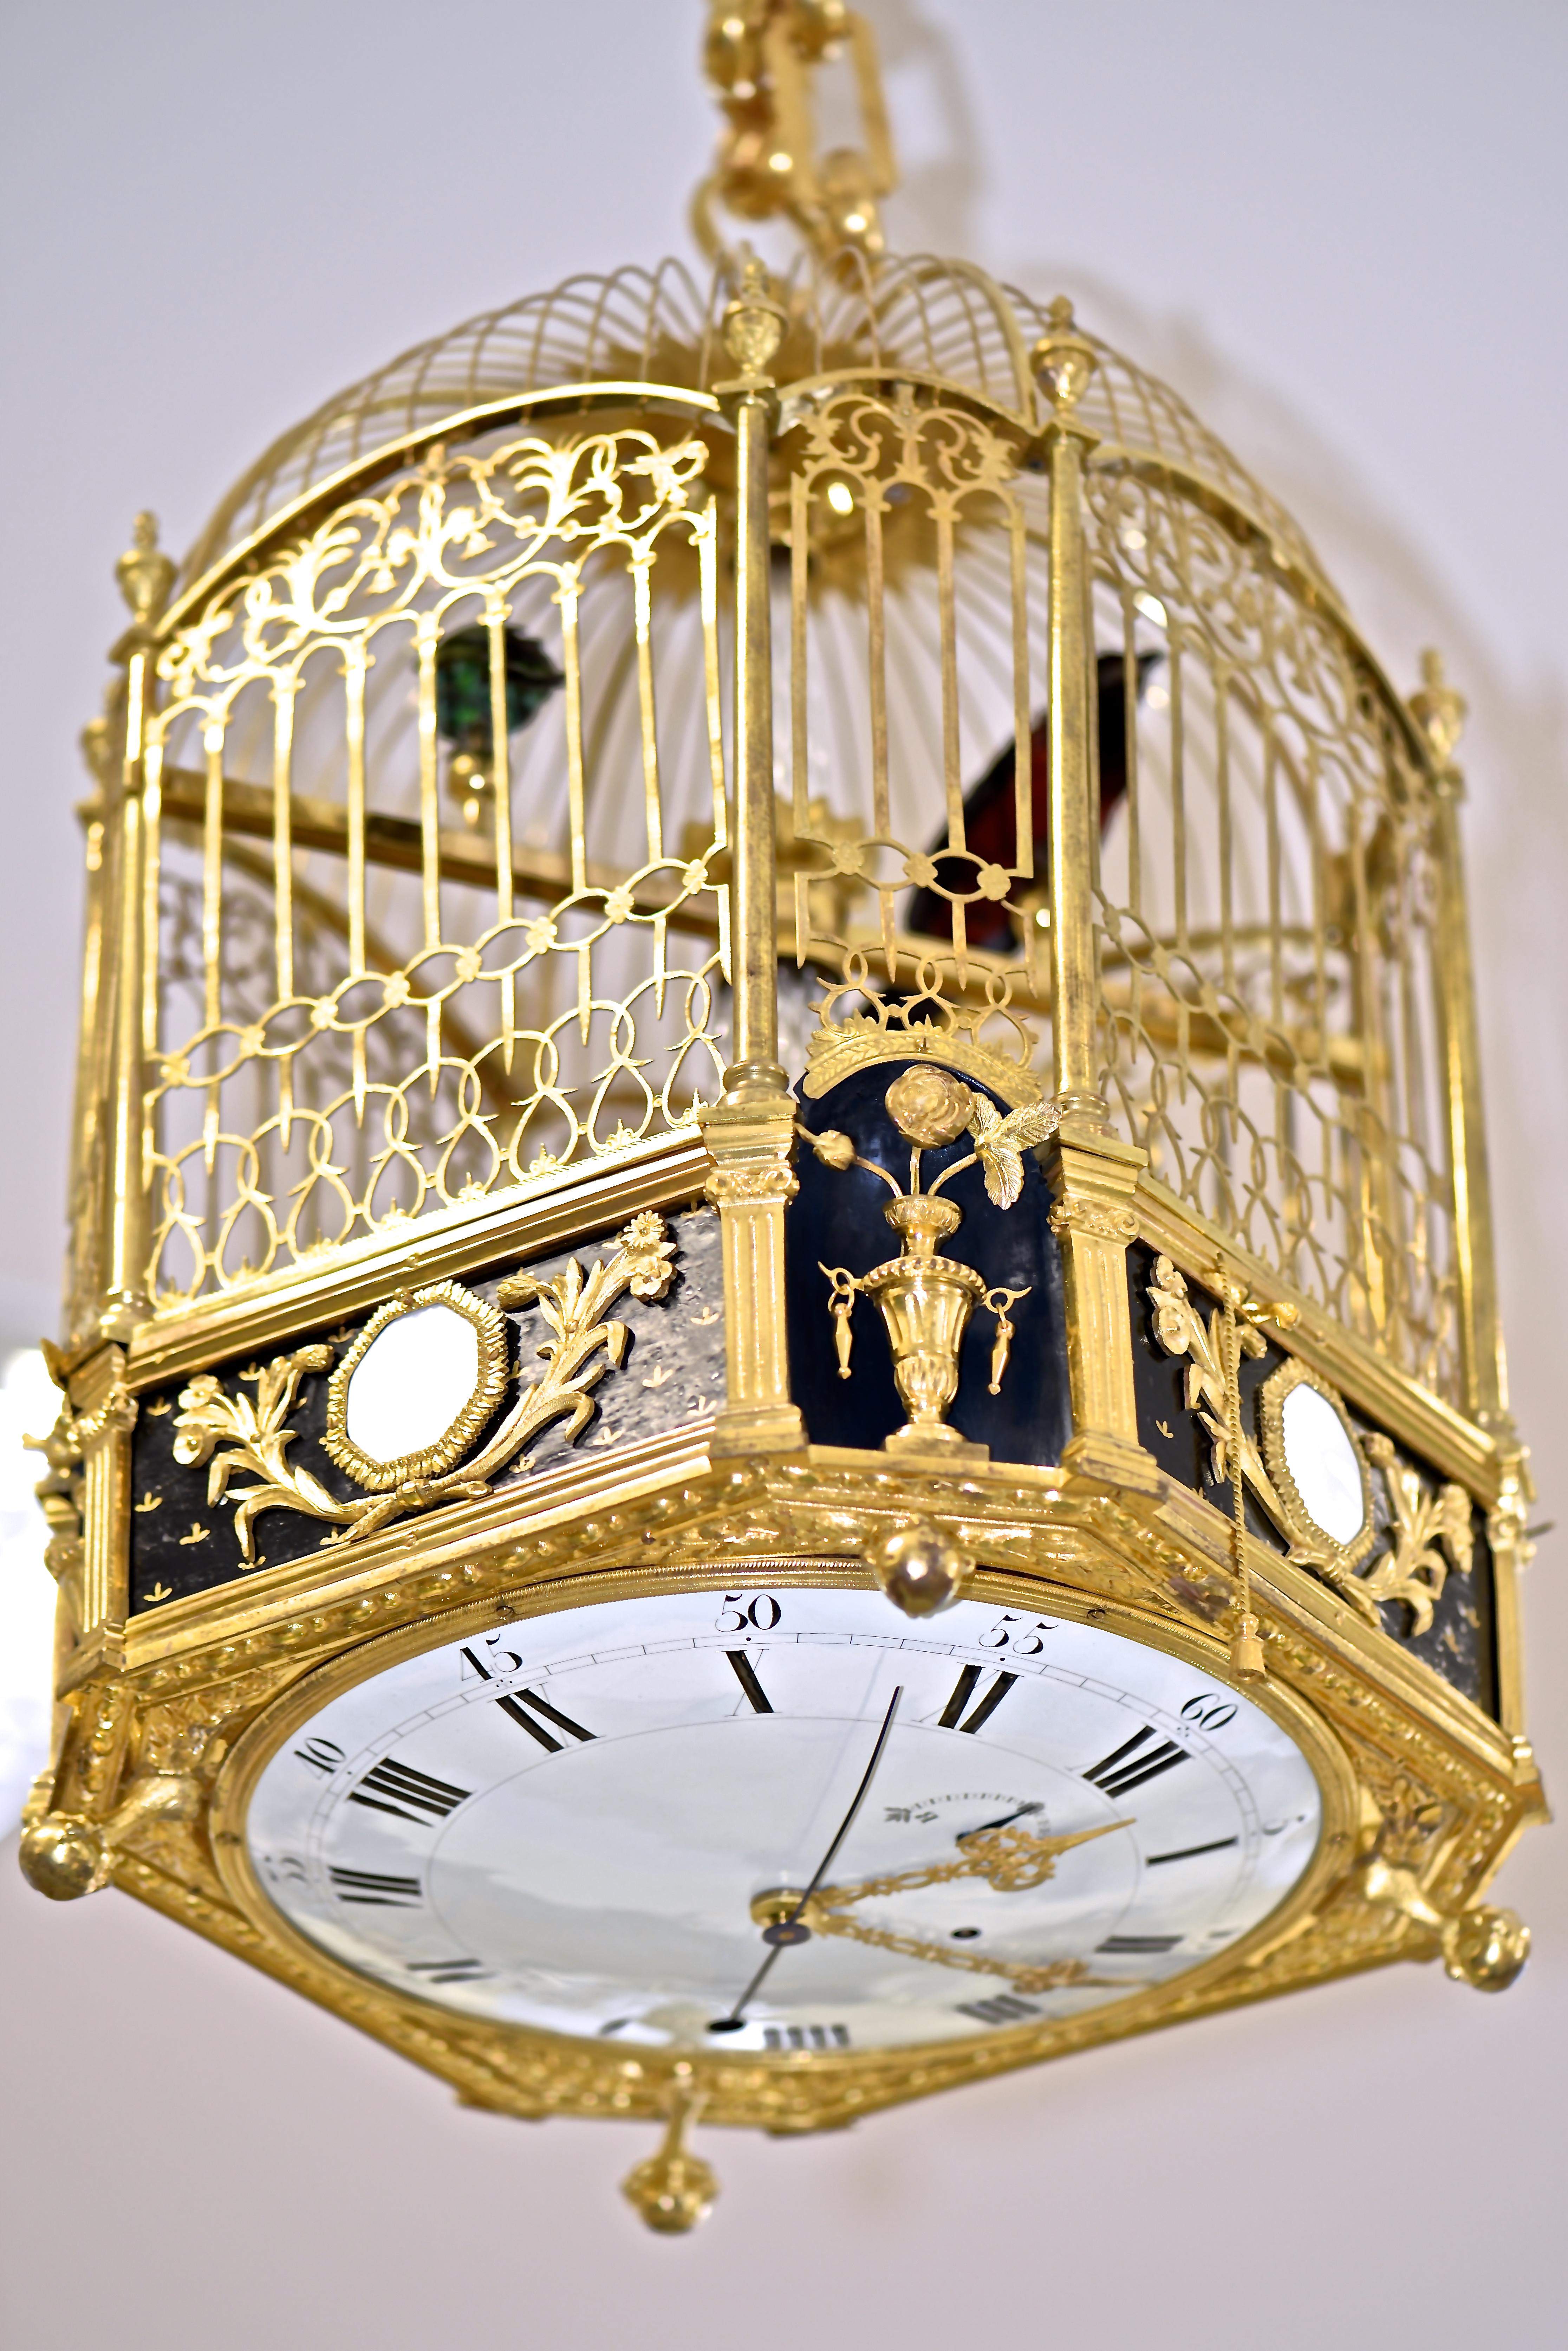 Dans un mouvement de danse mécanique, les ailes des oiseaux chantant se déplient pour lire l'heure